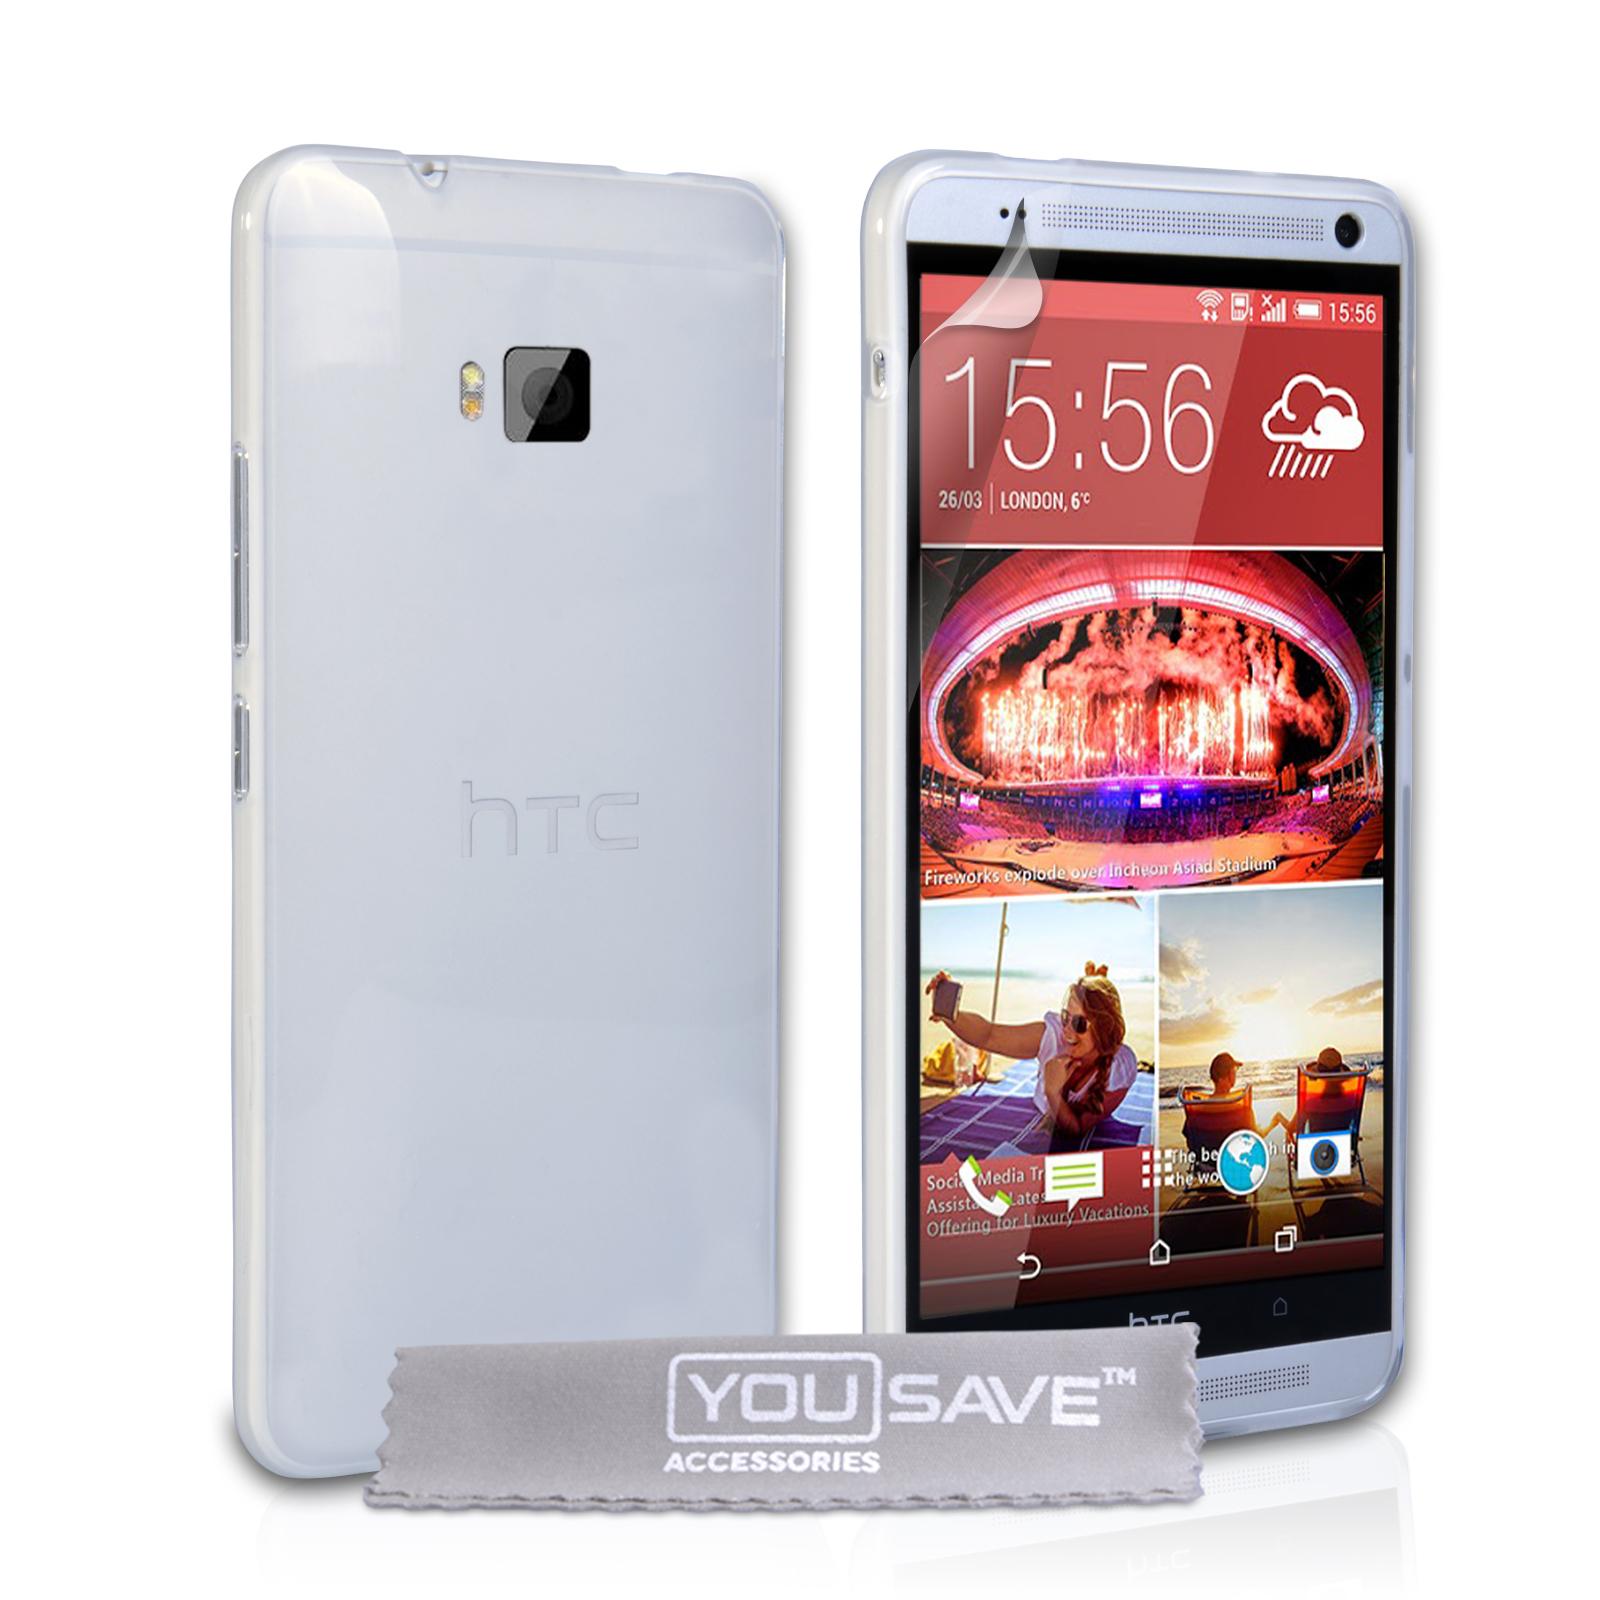 Διάφανη Θήκη HTC One M9 by YouSave (Z855) θήκες κινητών